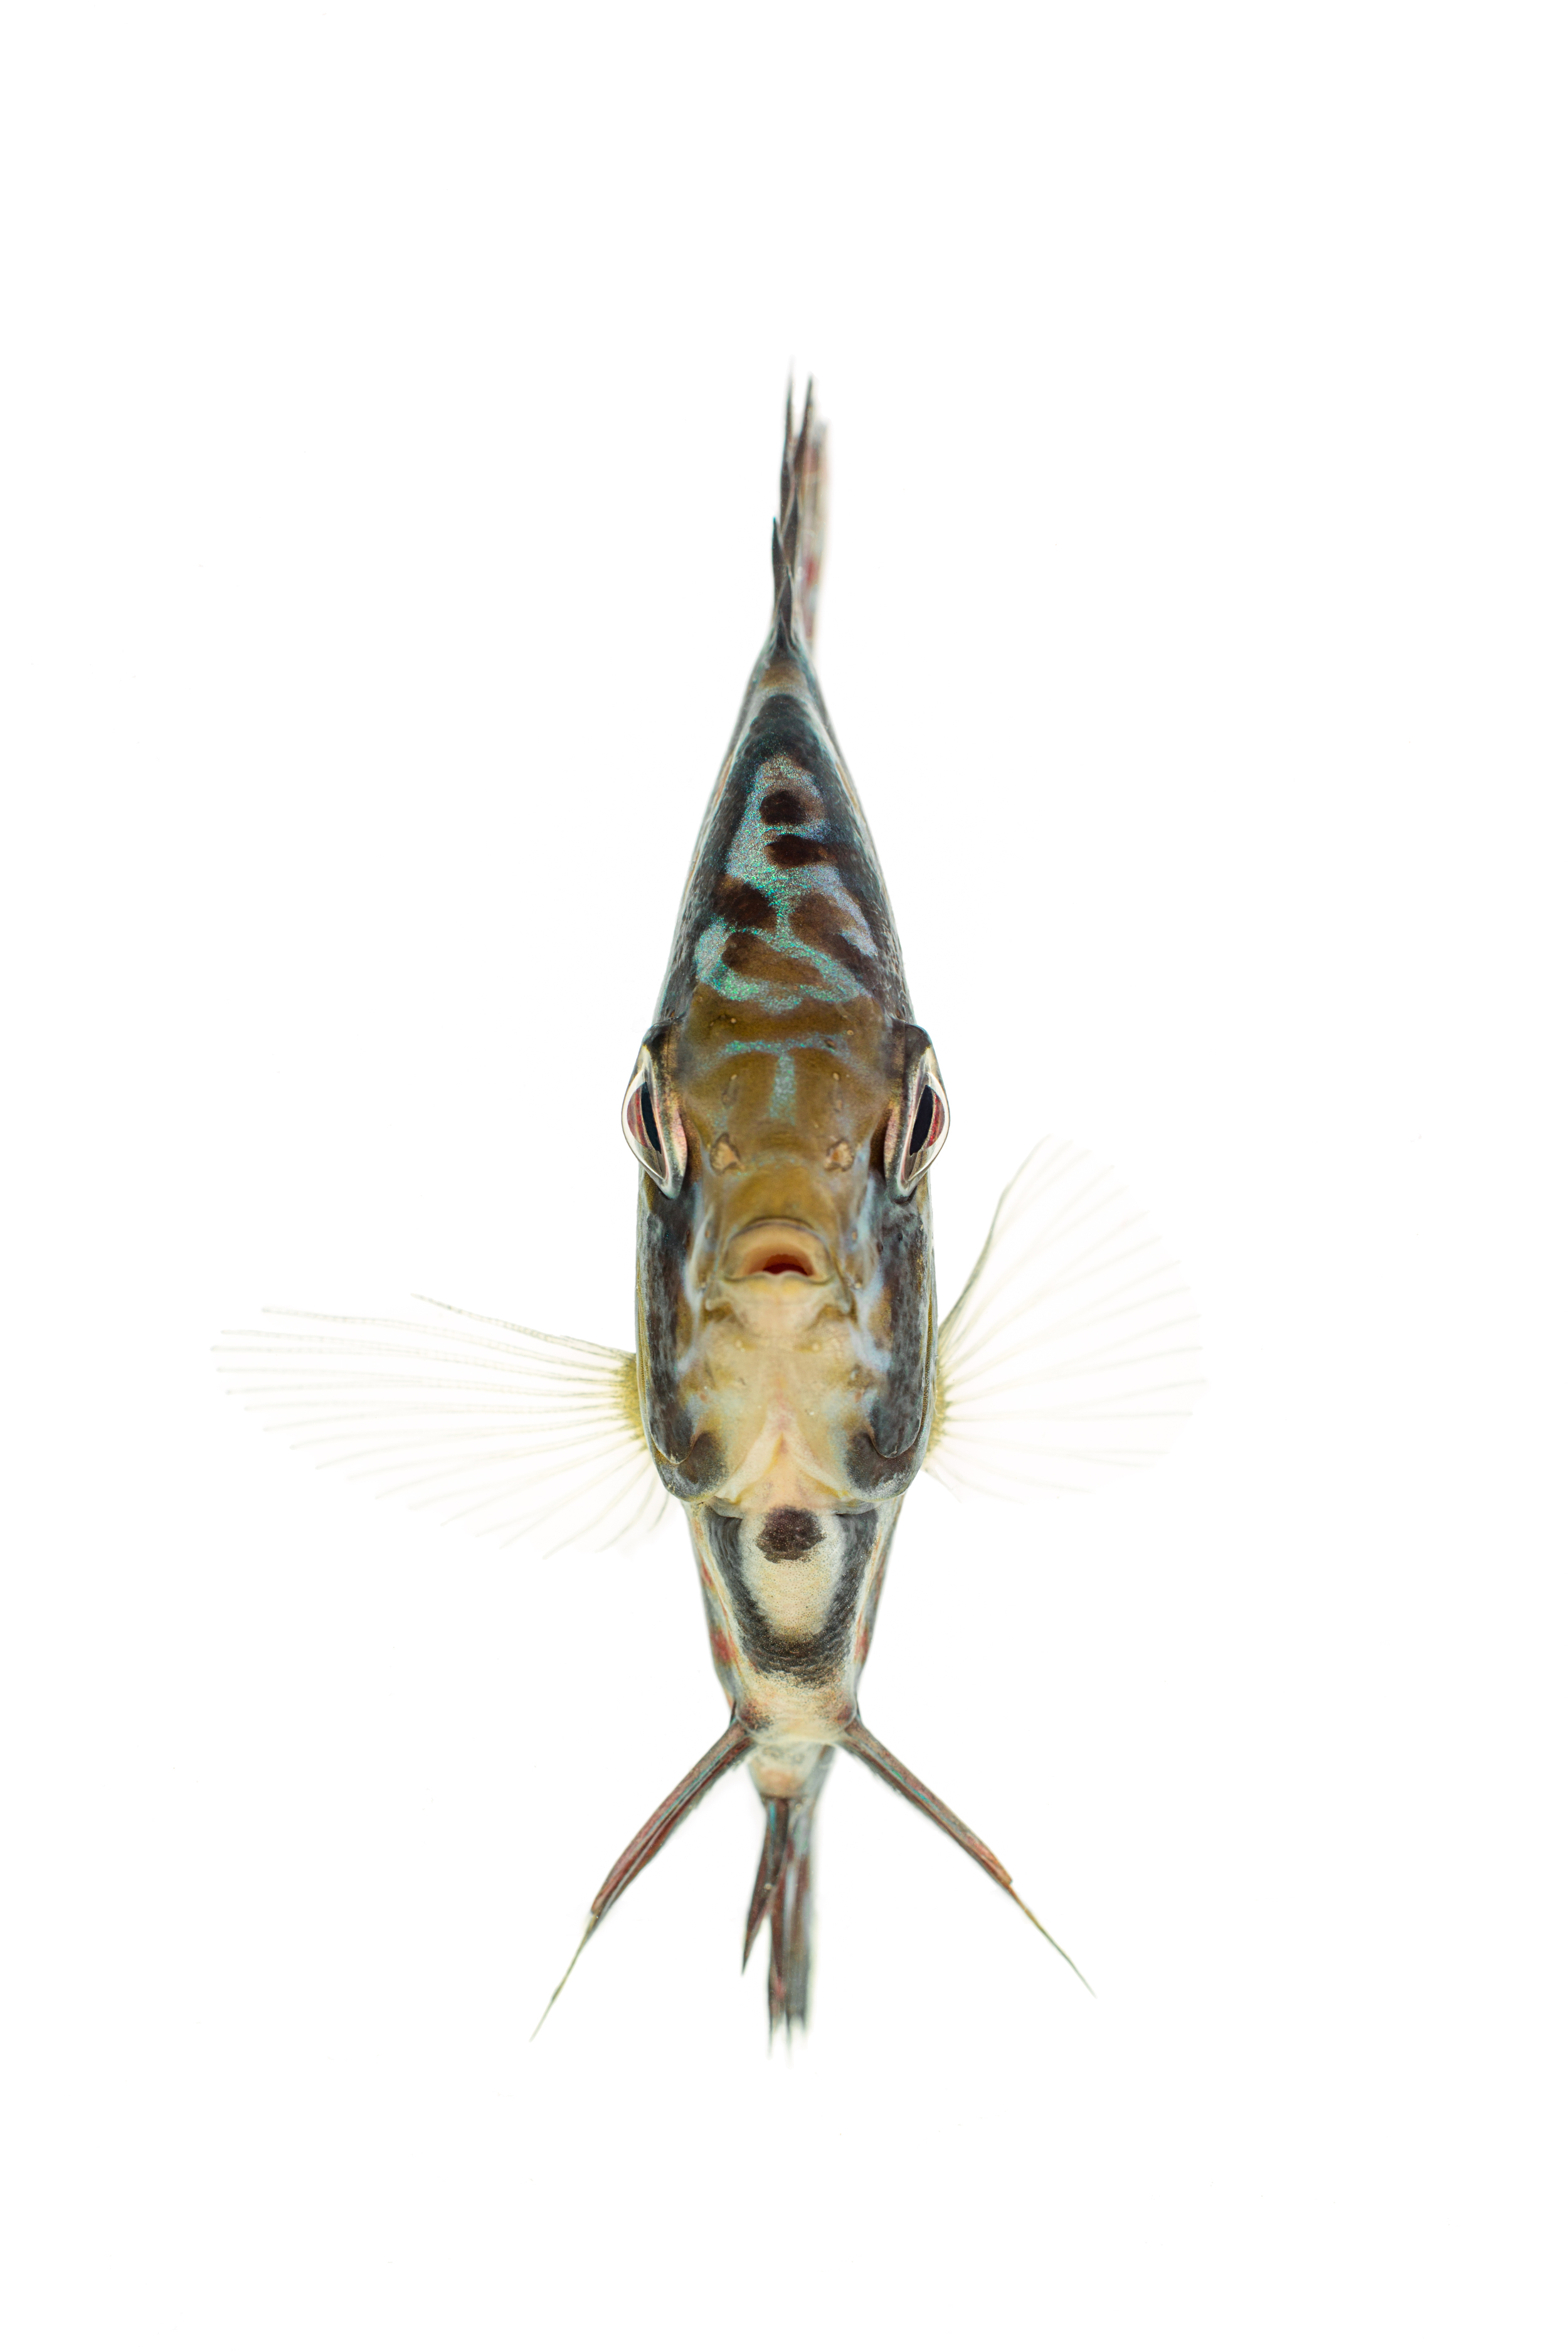 Snakeskin Discus (Symphysodon aequifasciatu)